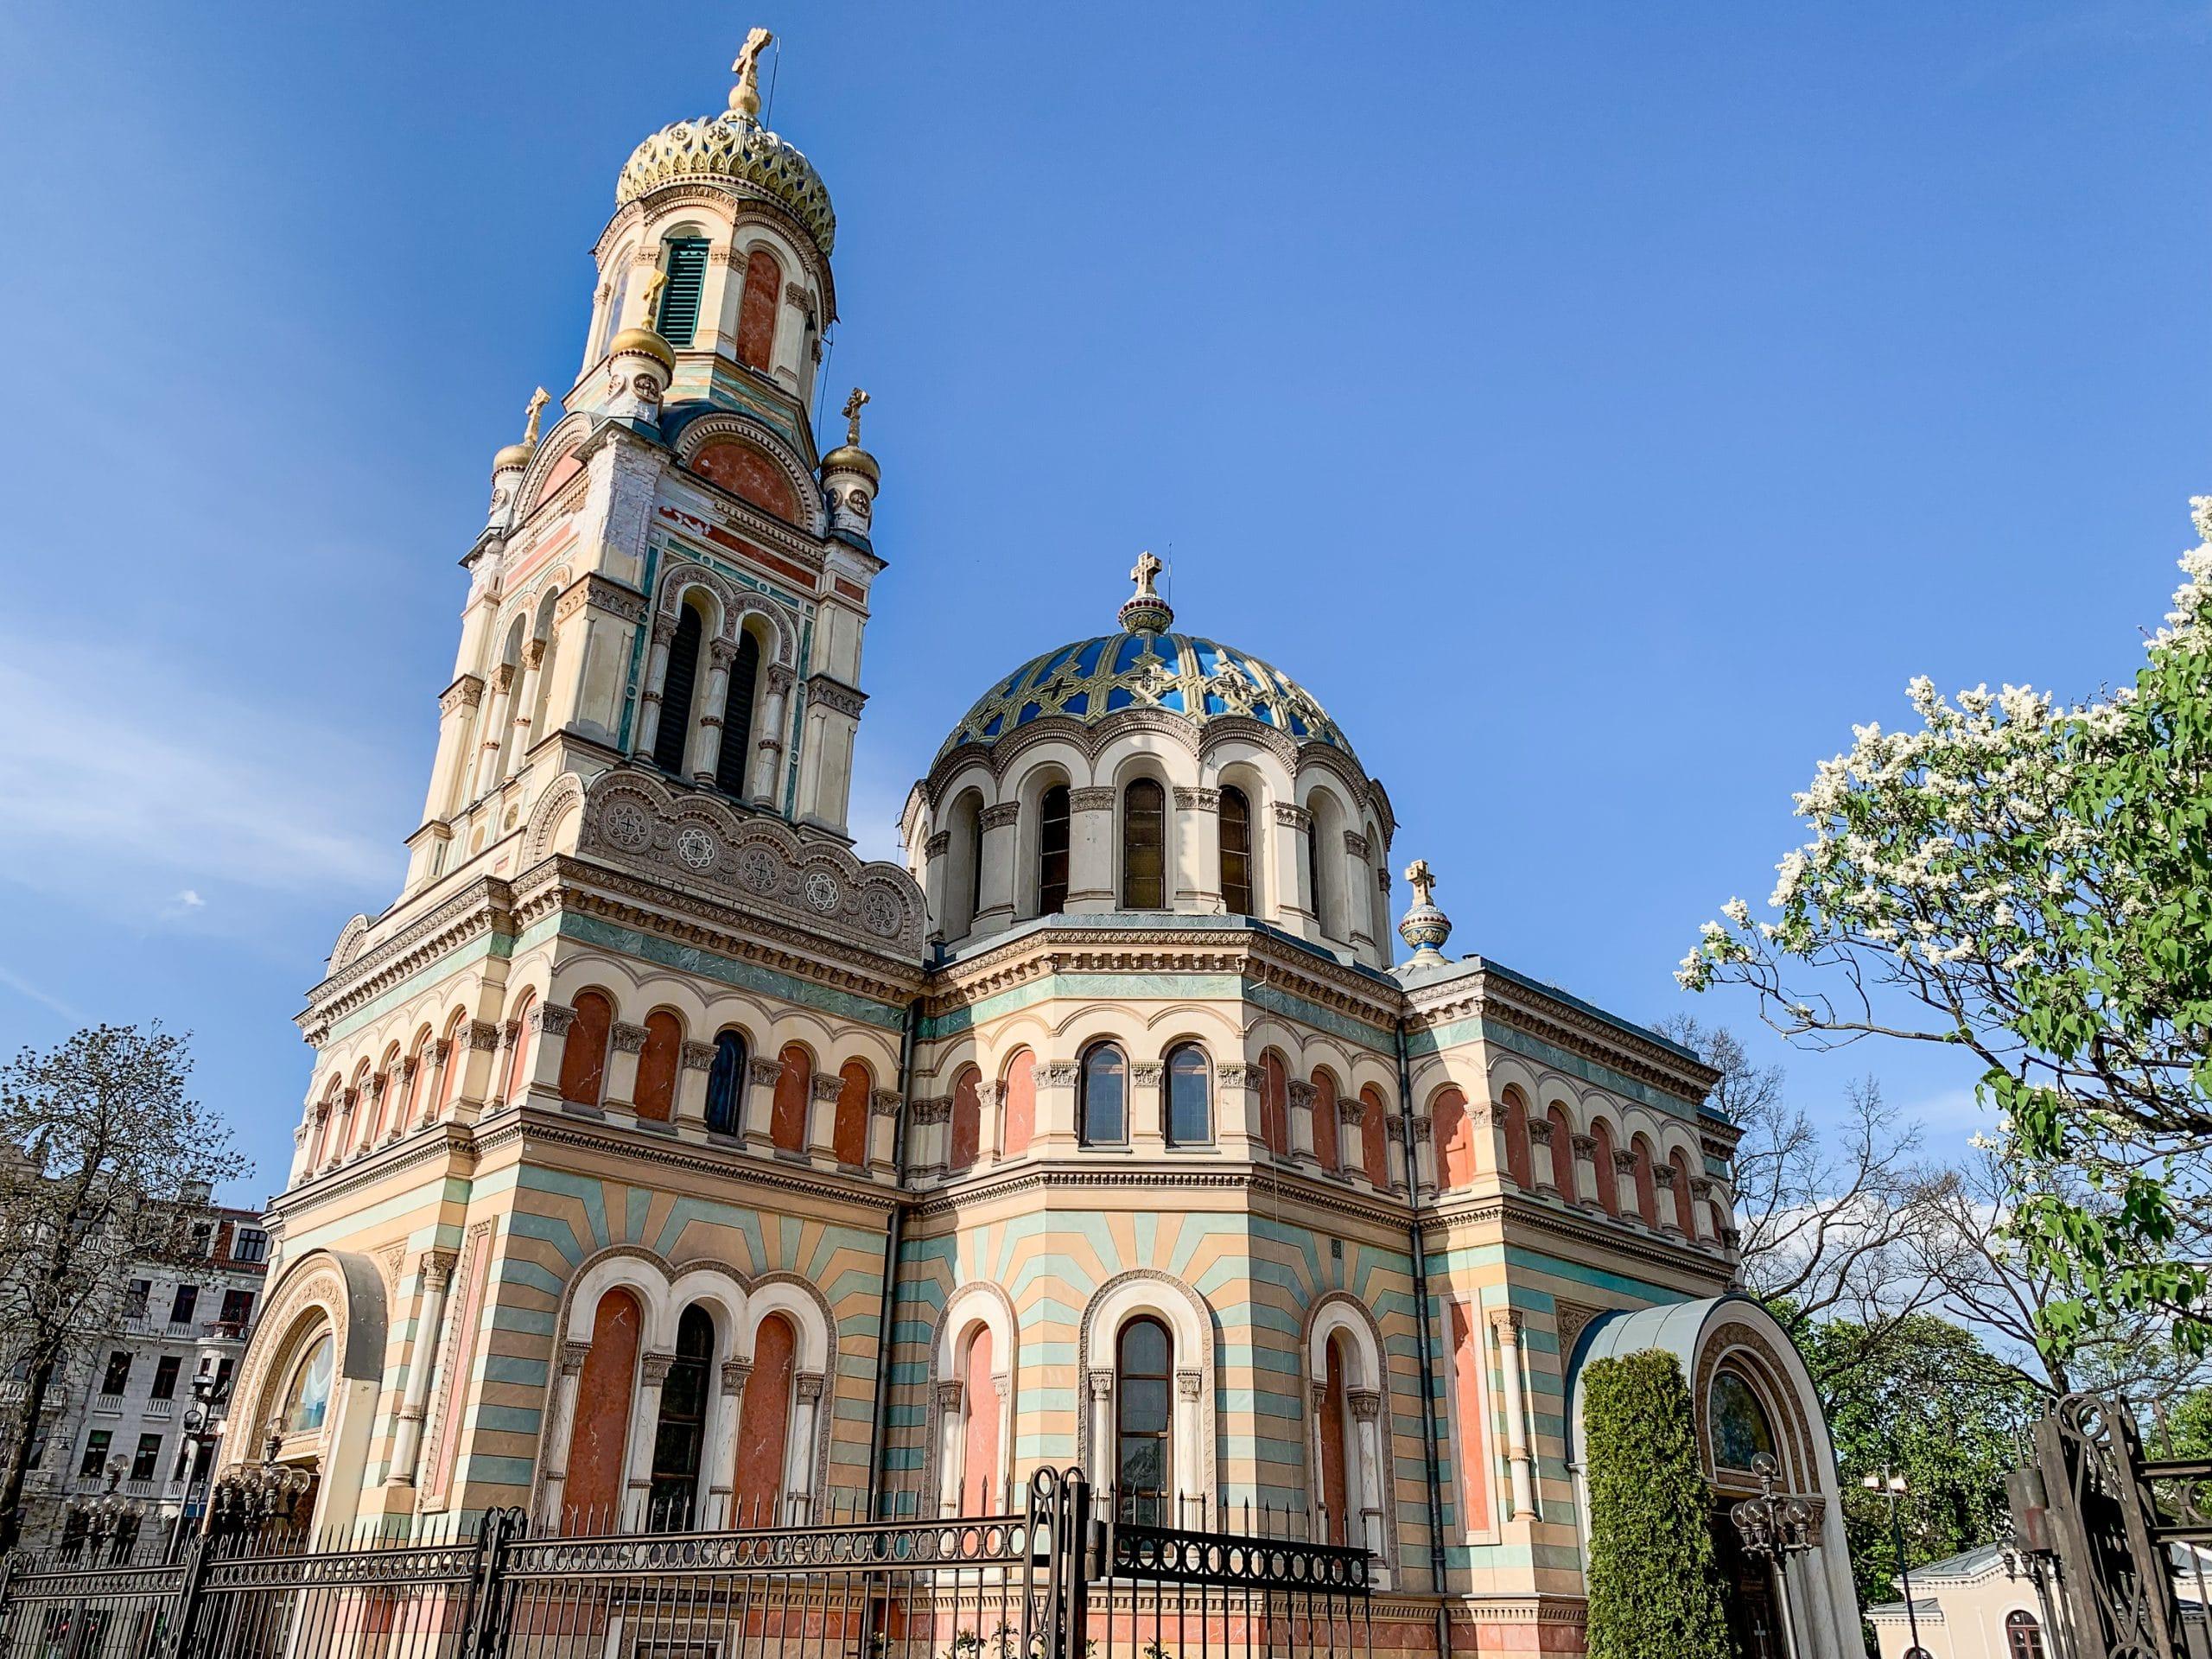 Lodz Top Ten Sehenswürdigkeiten - Highlights für euren Städtetrip in Polen - Alexander Nevsky Orthodoxe Kirche